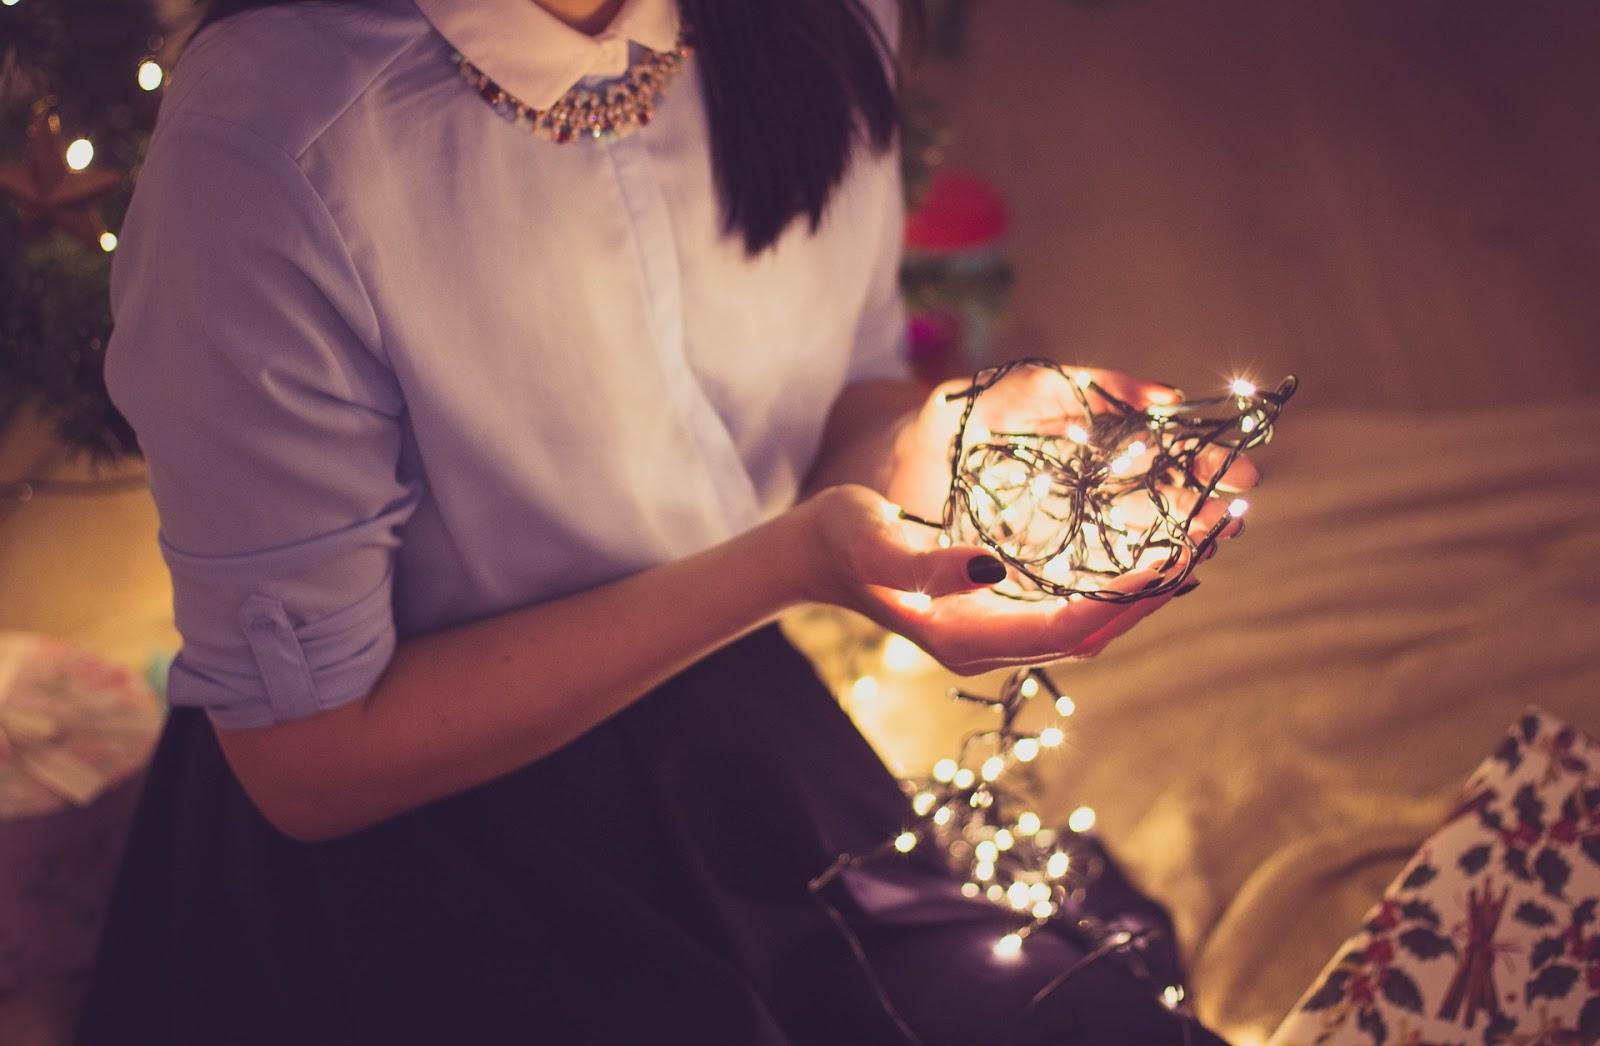 Życzenia Świąteczne - Wigilia 2018